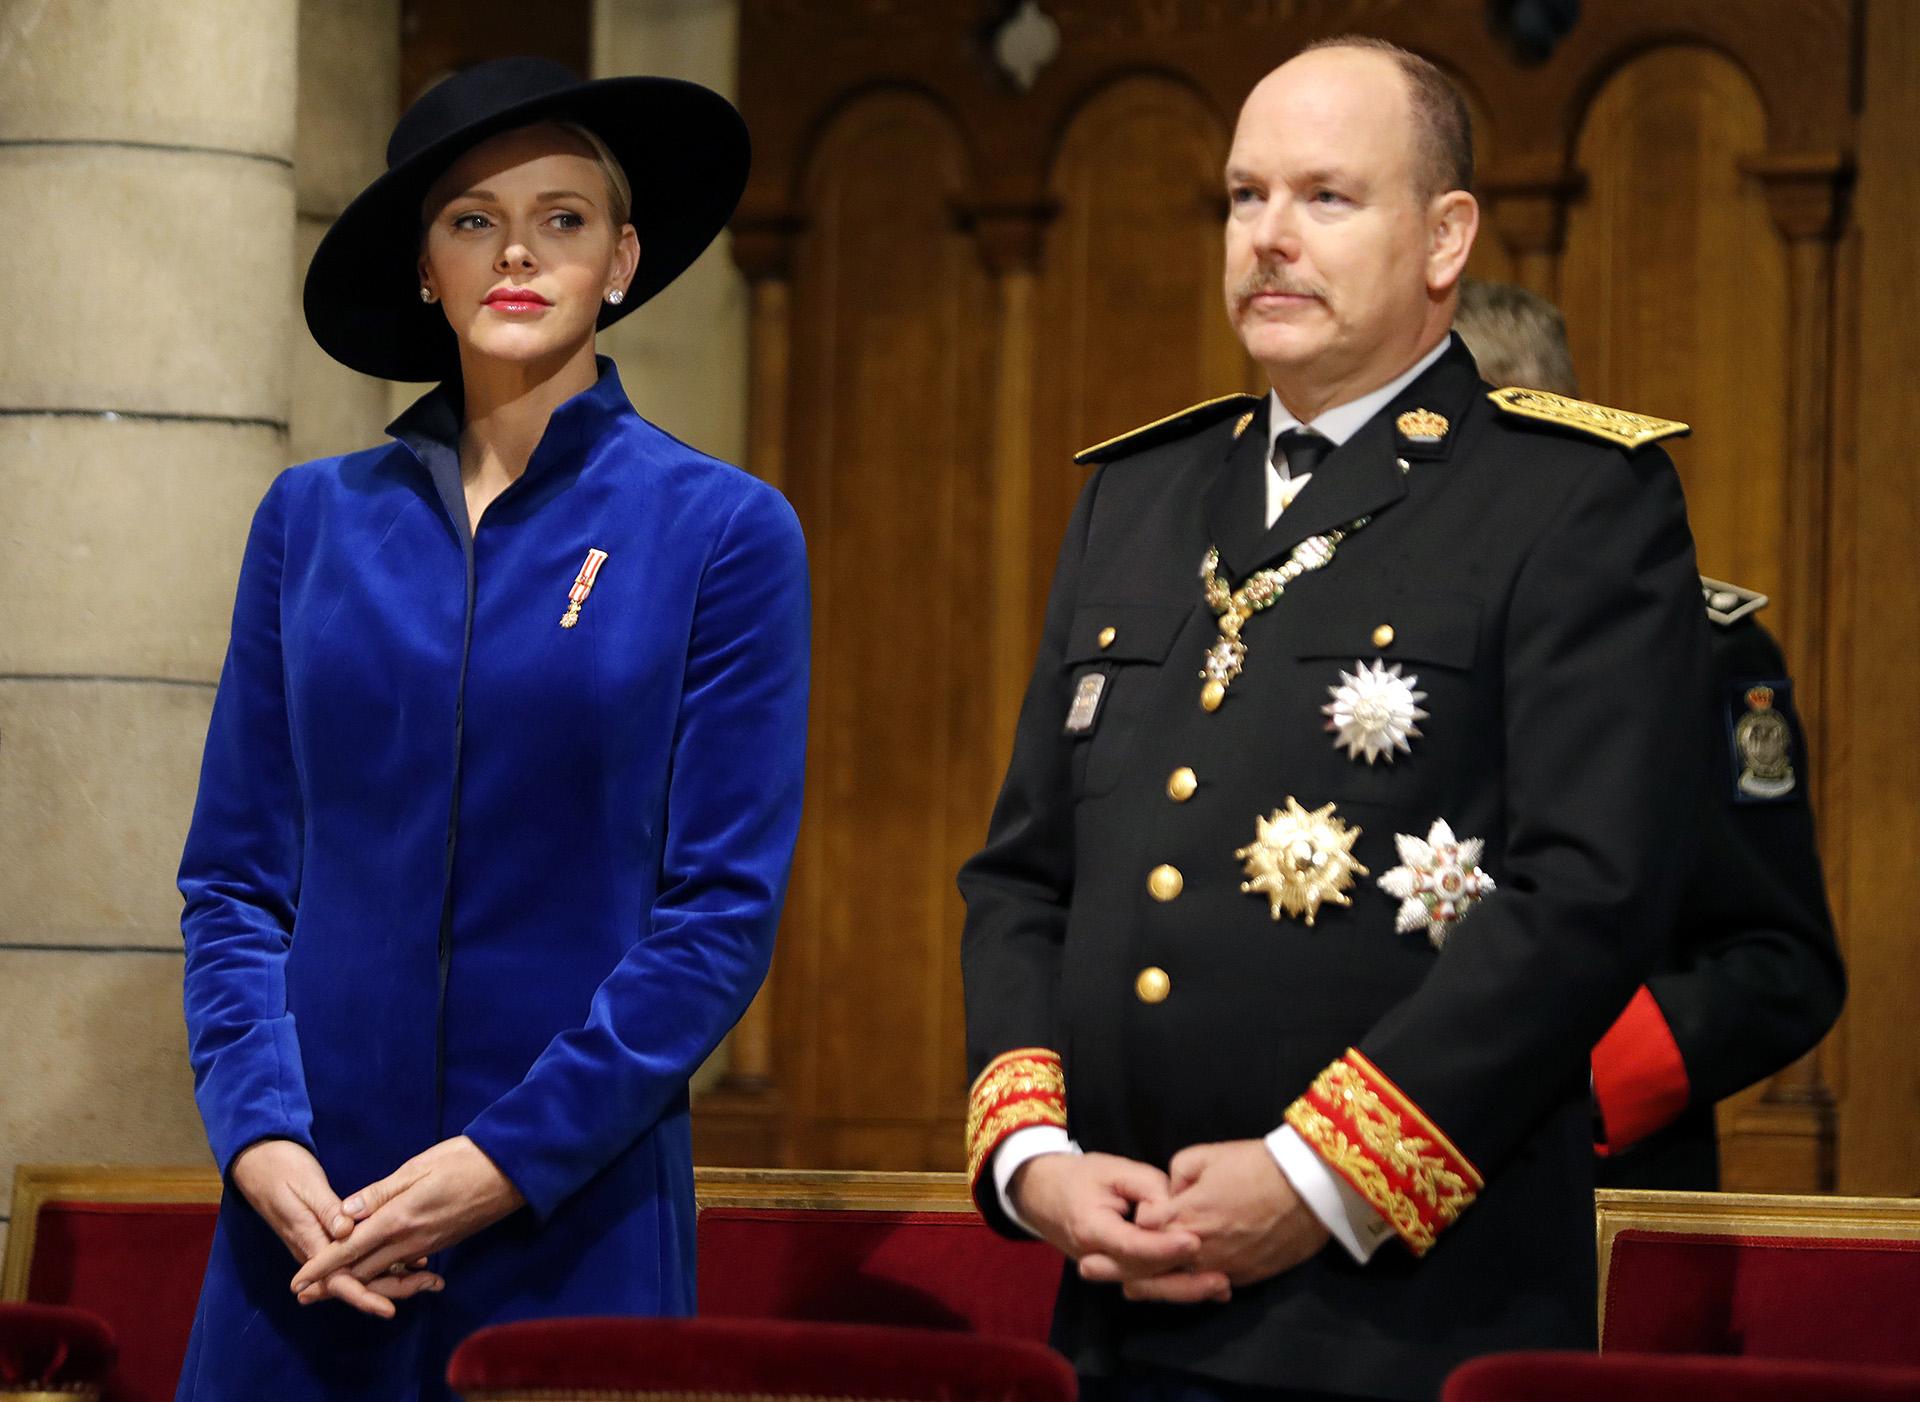 Charlene junto a su marido durante la ceremonia. El Día Nacional es la fecha más importante del calendario nacional monegasco